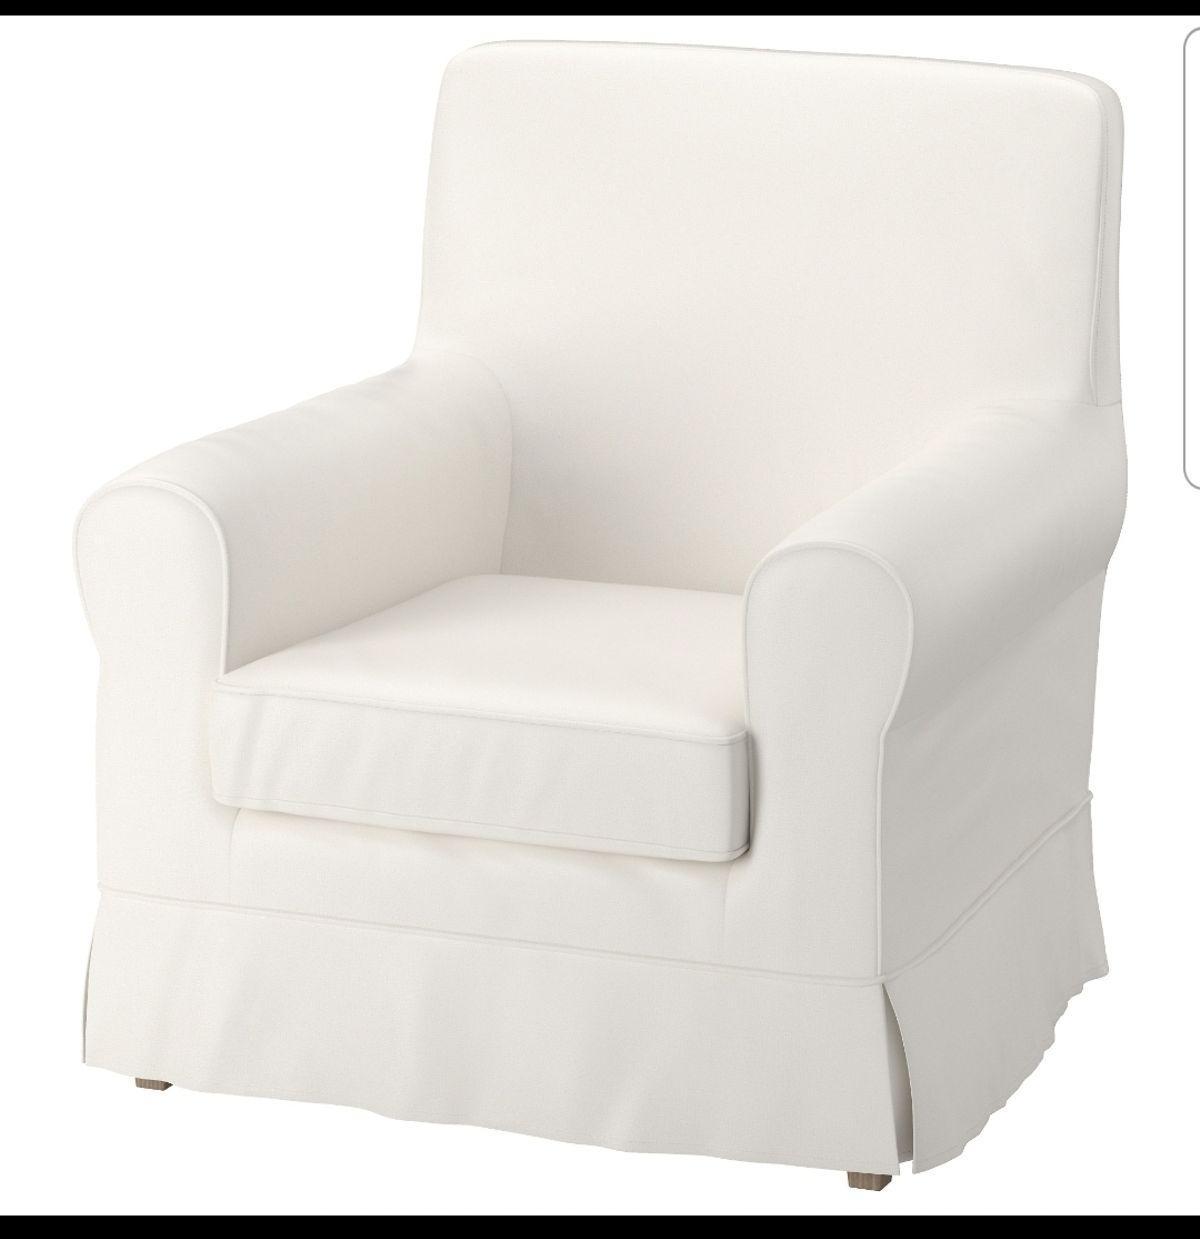 Ikea Sessel Ektorp